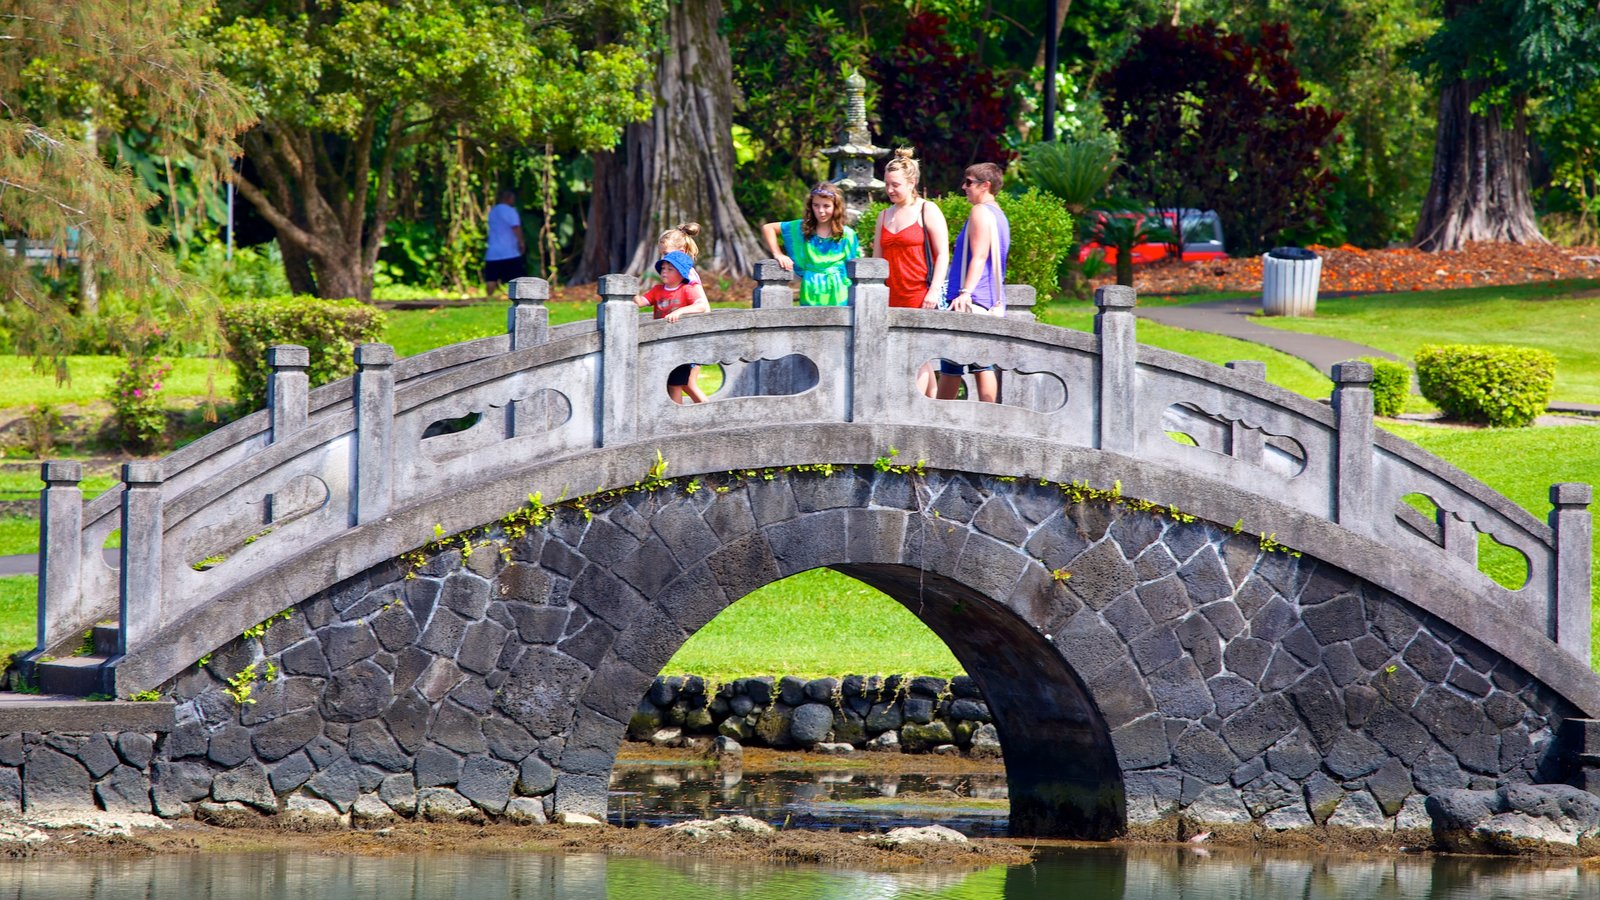 Hilo mostrando um rio ou córrego e uma ponte assim como uma família